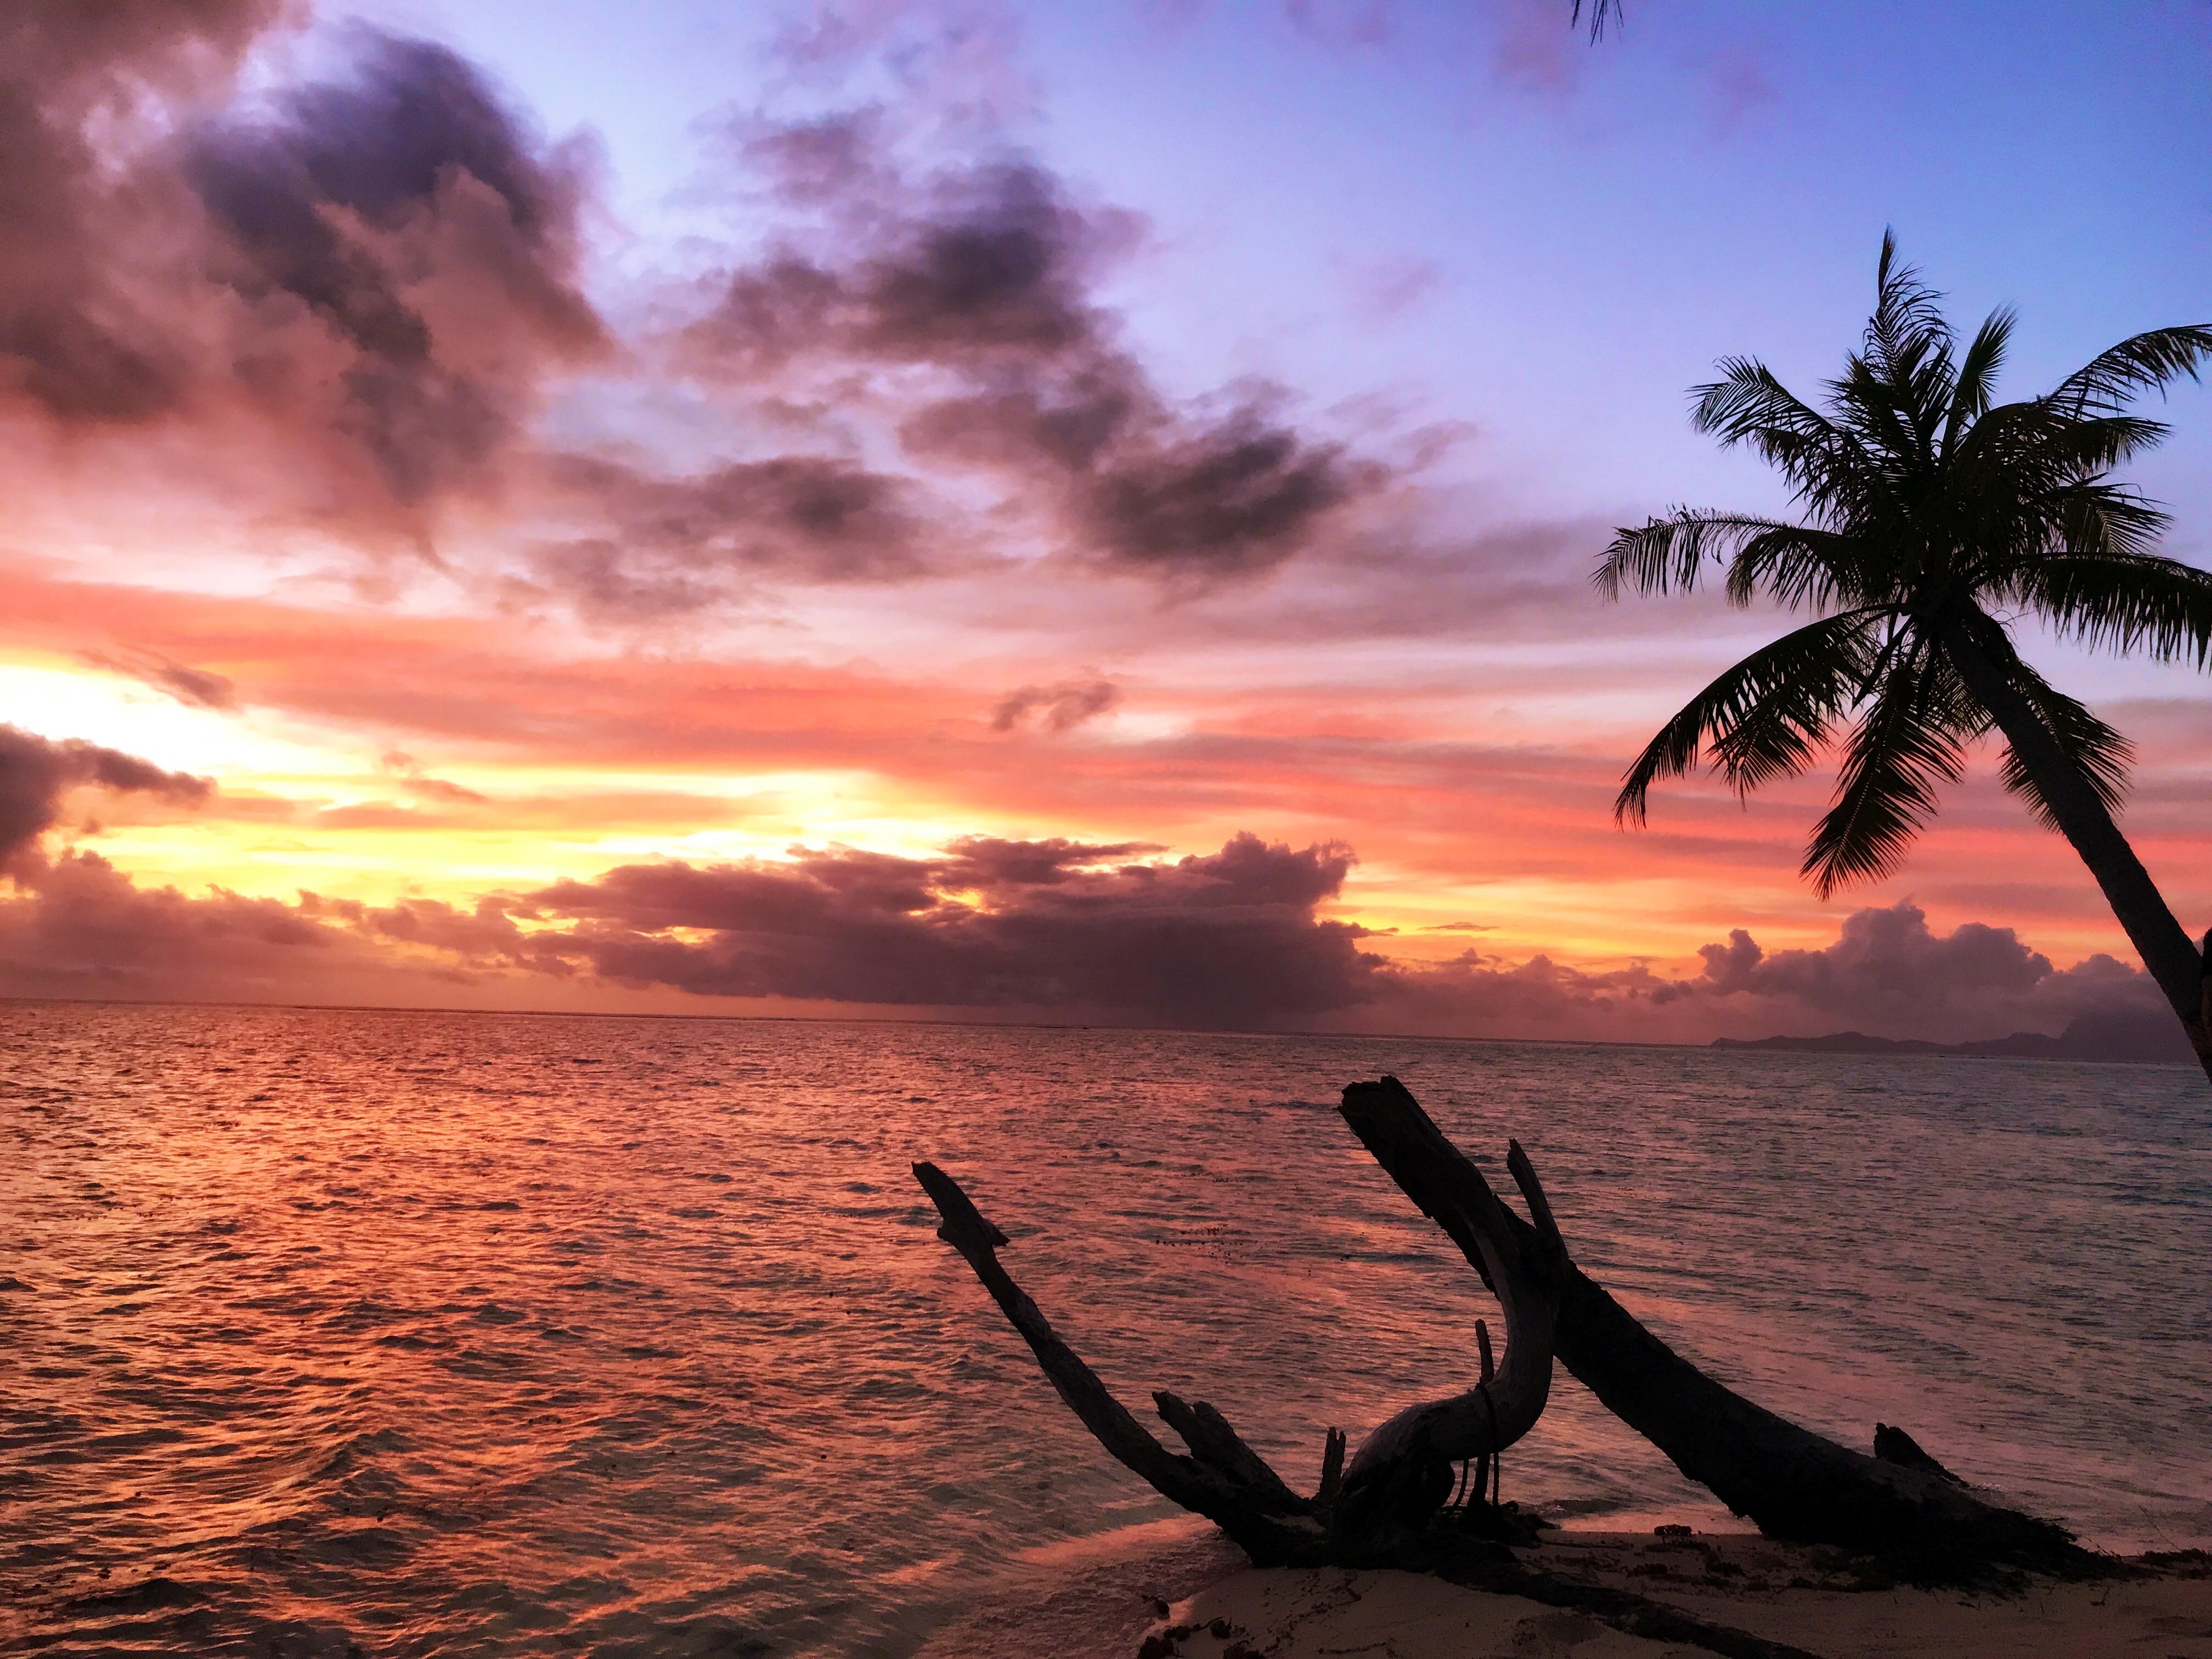 25 Photos To Inspire You To Visit French Polynesia - Tahiti Travel Photos - Communikait by Kait Hanson